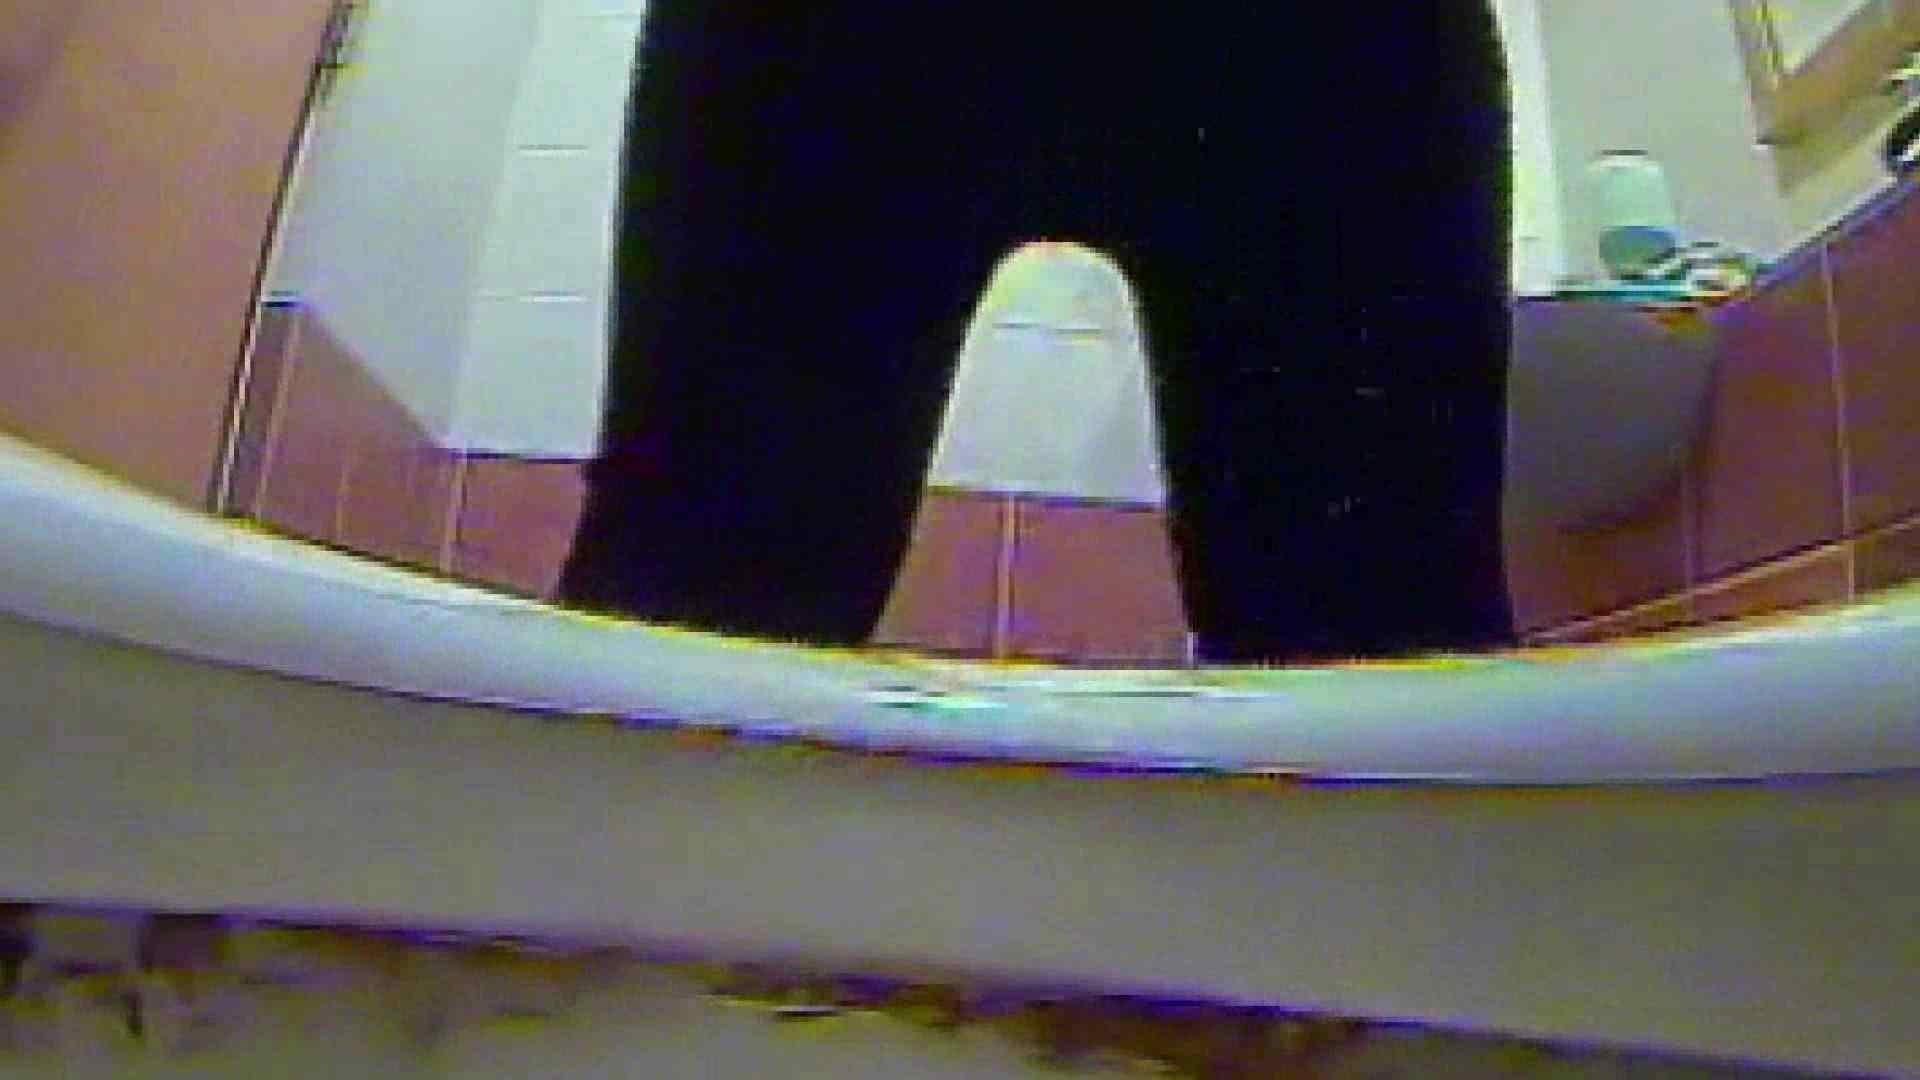 キレカワ女子大生の秘密の洗面所!Vol.018 エロティックなOL ワレメ無修正動画無料 70画像 42